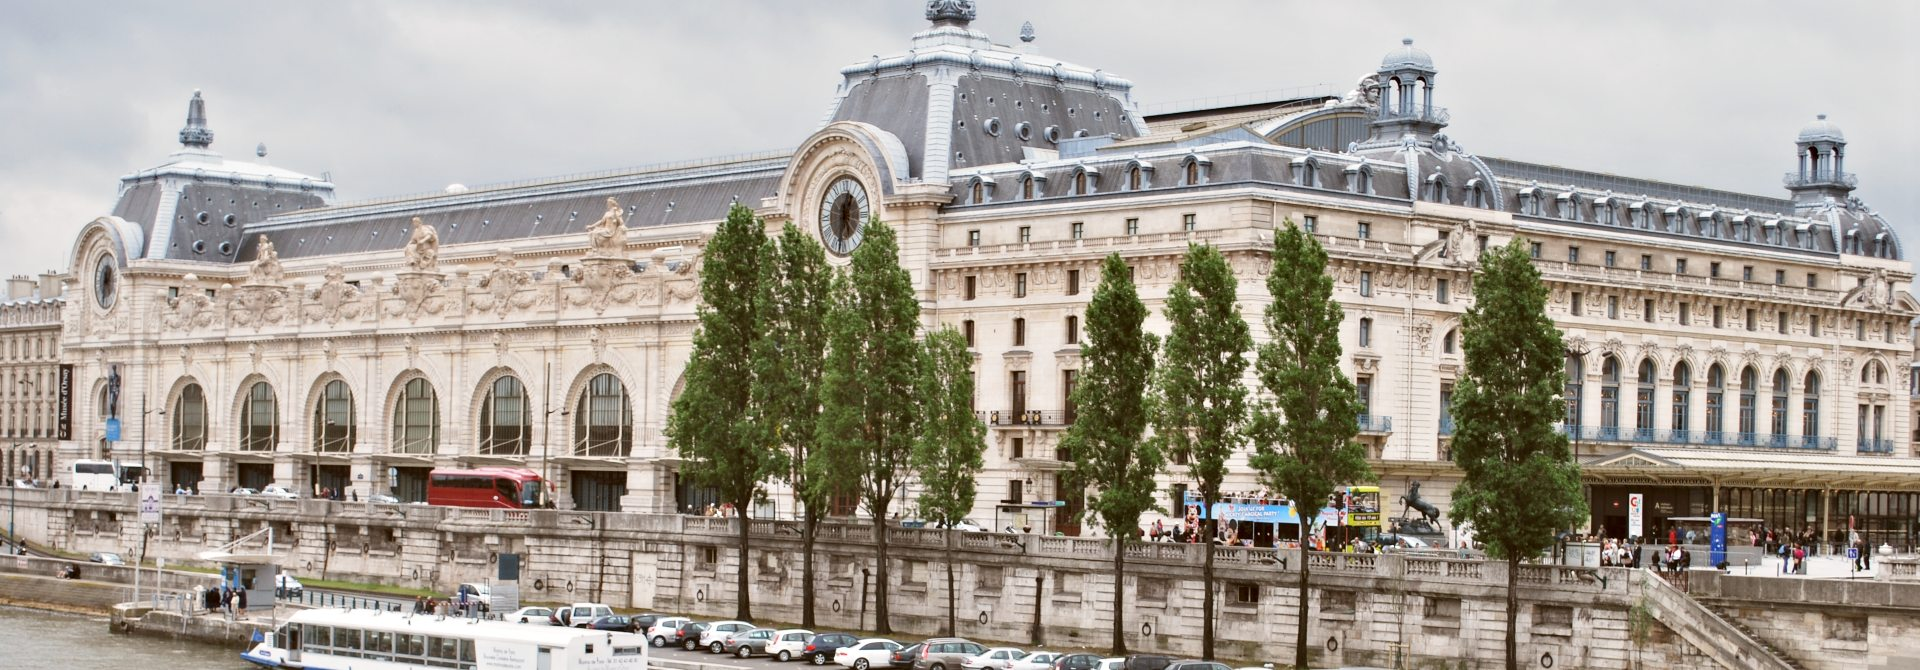 Musee D'Orsay Header